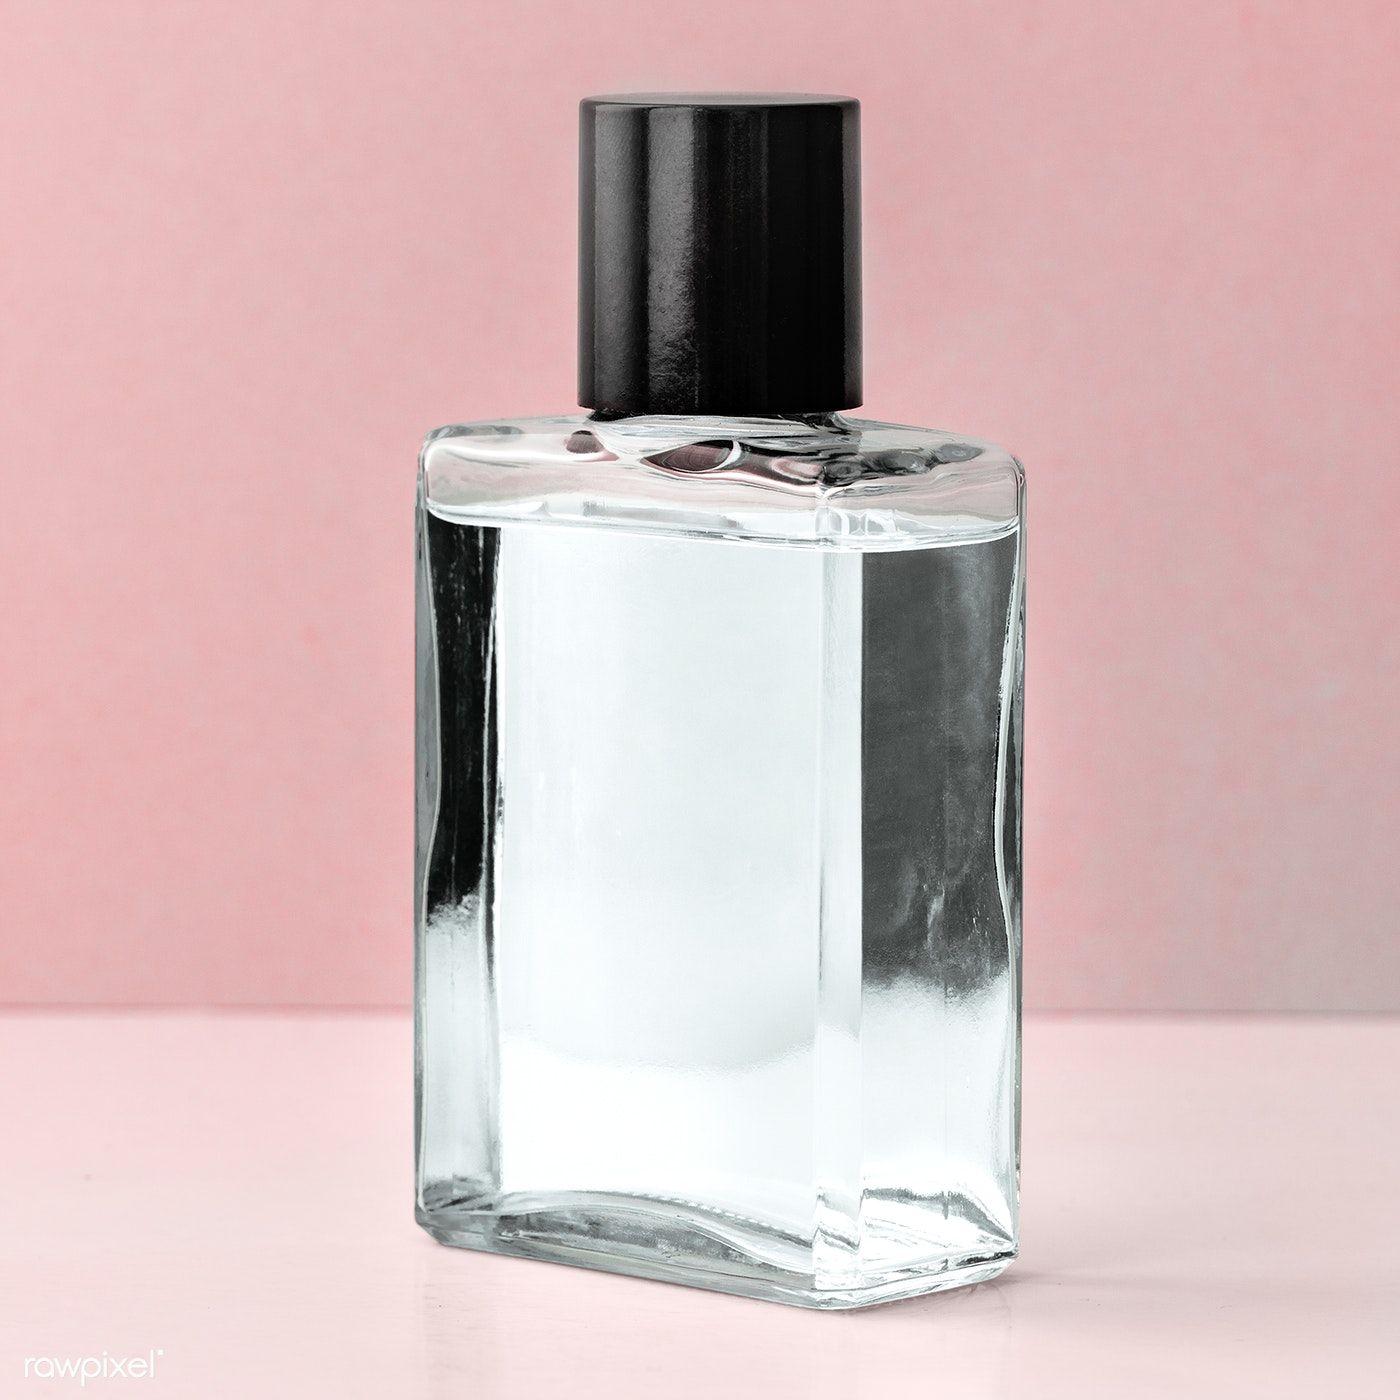 Download Download Premium Psd Of Blank Perfume Glass Bottle Mockup Design 1209815 Bottle Mockup Mockup Design Perfume Design